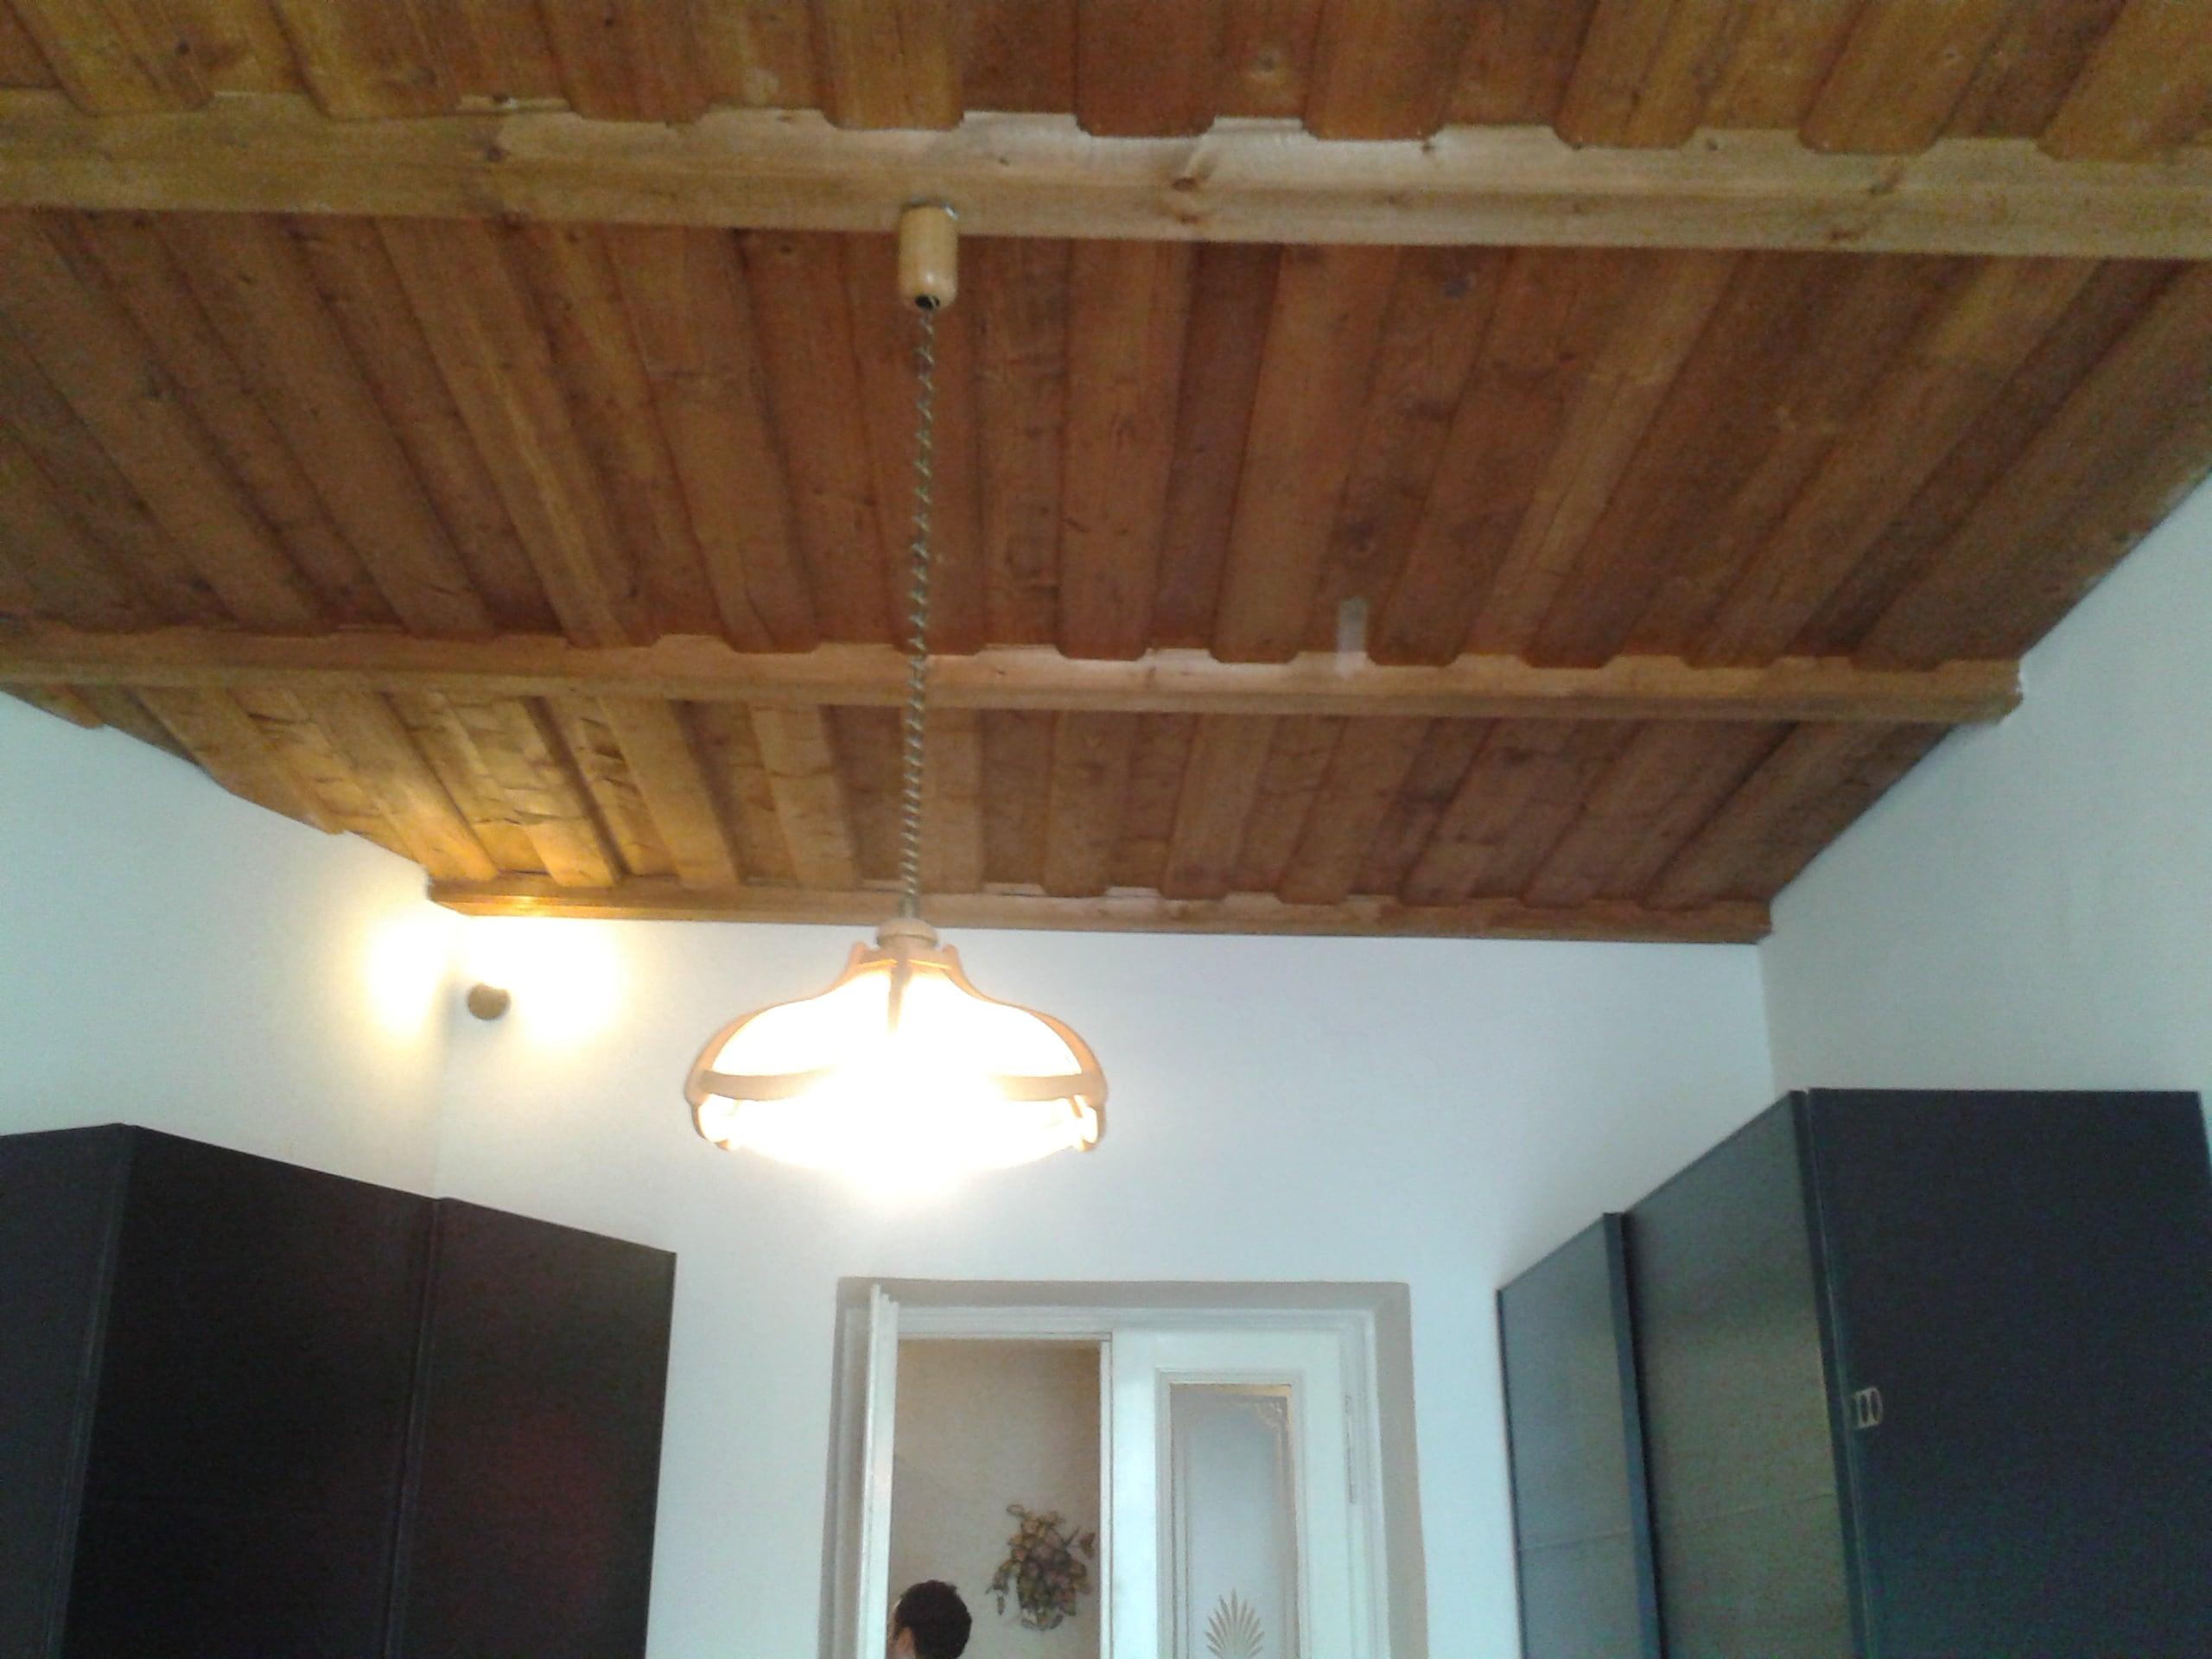 למכירה דירת 3+kk יפהפיה בפראג 1 העיר החדשה (50)